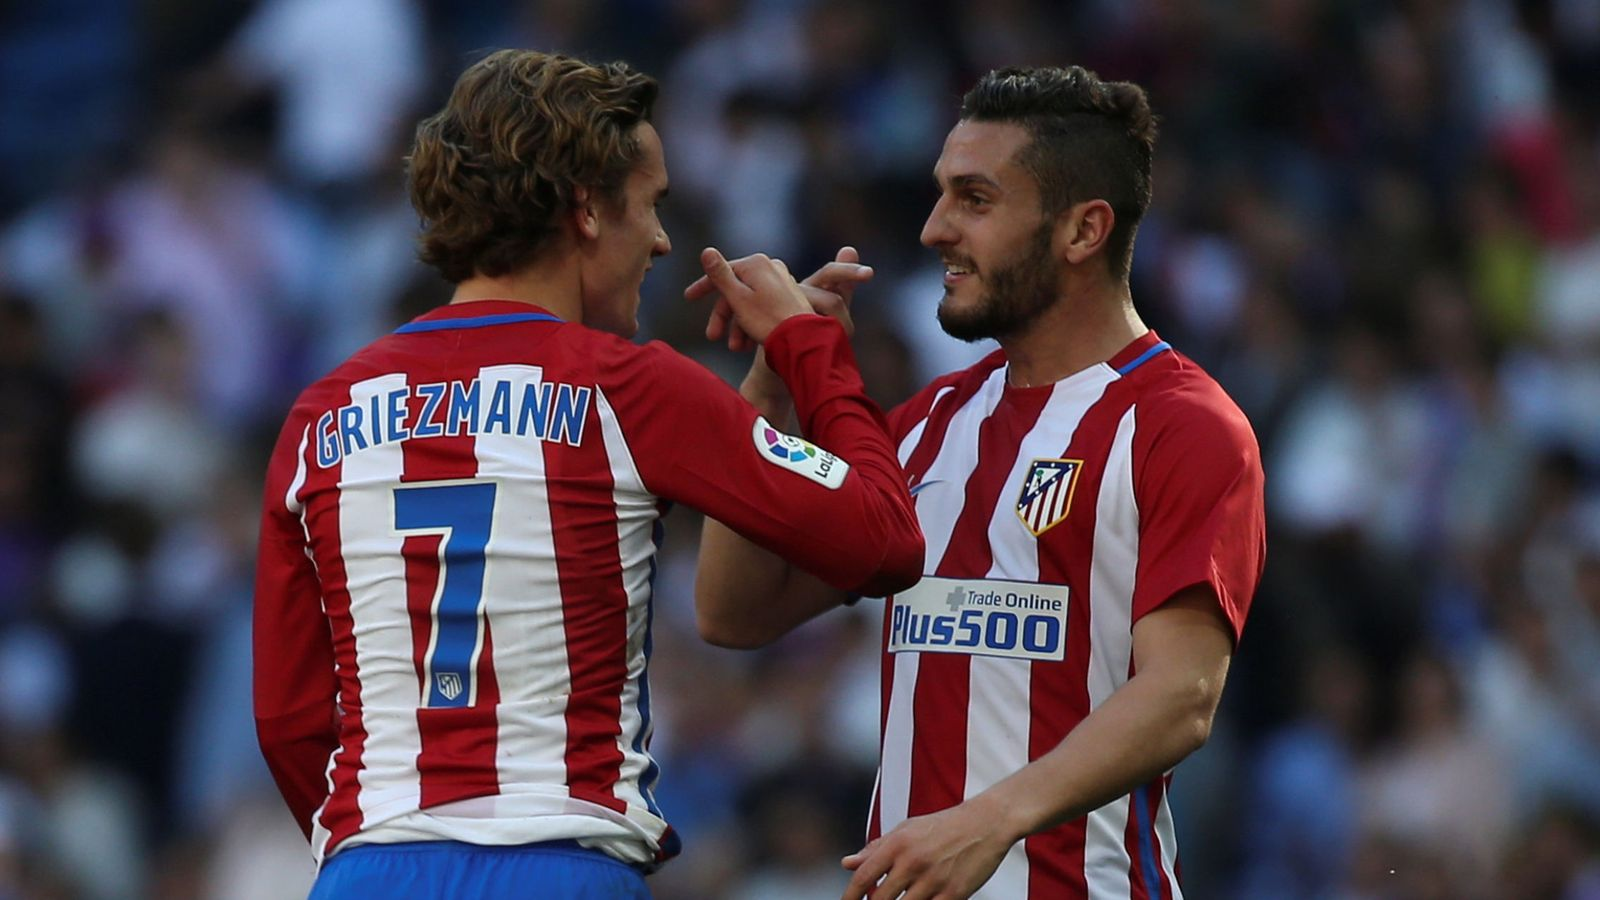 Foto: Koke y Griezmann conversando durante un partido. (Reuters)